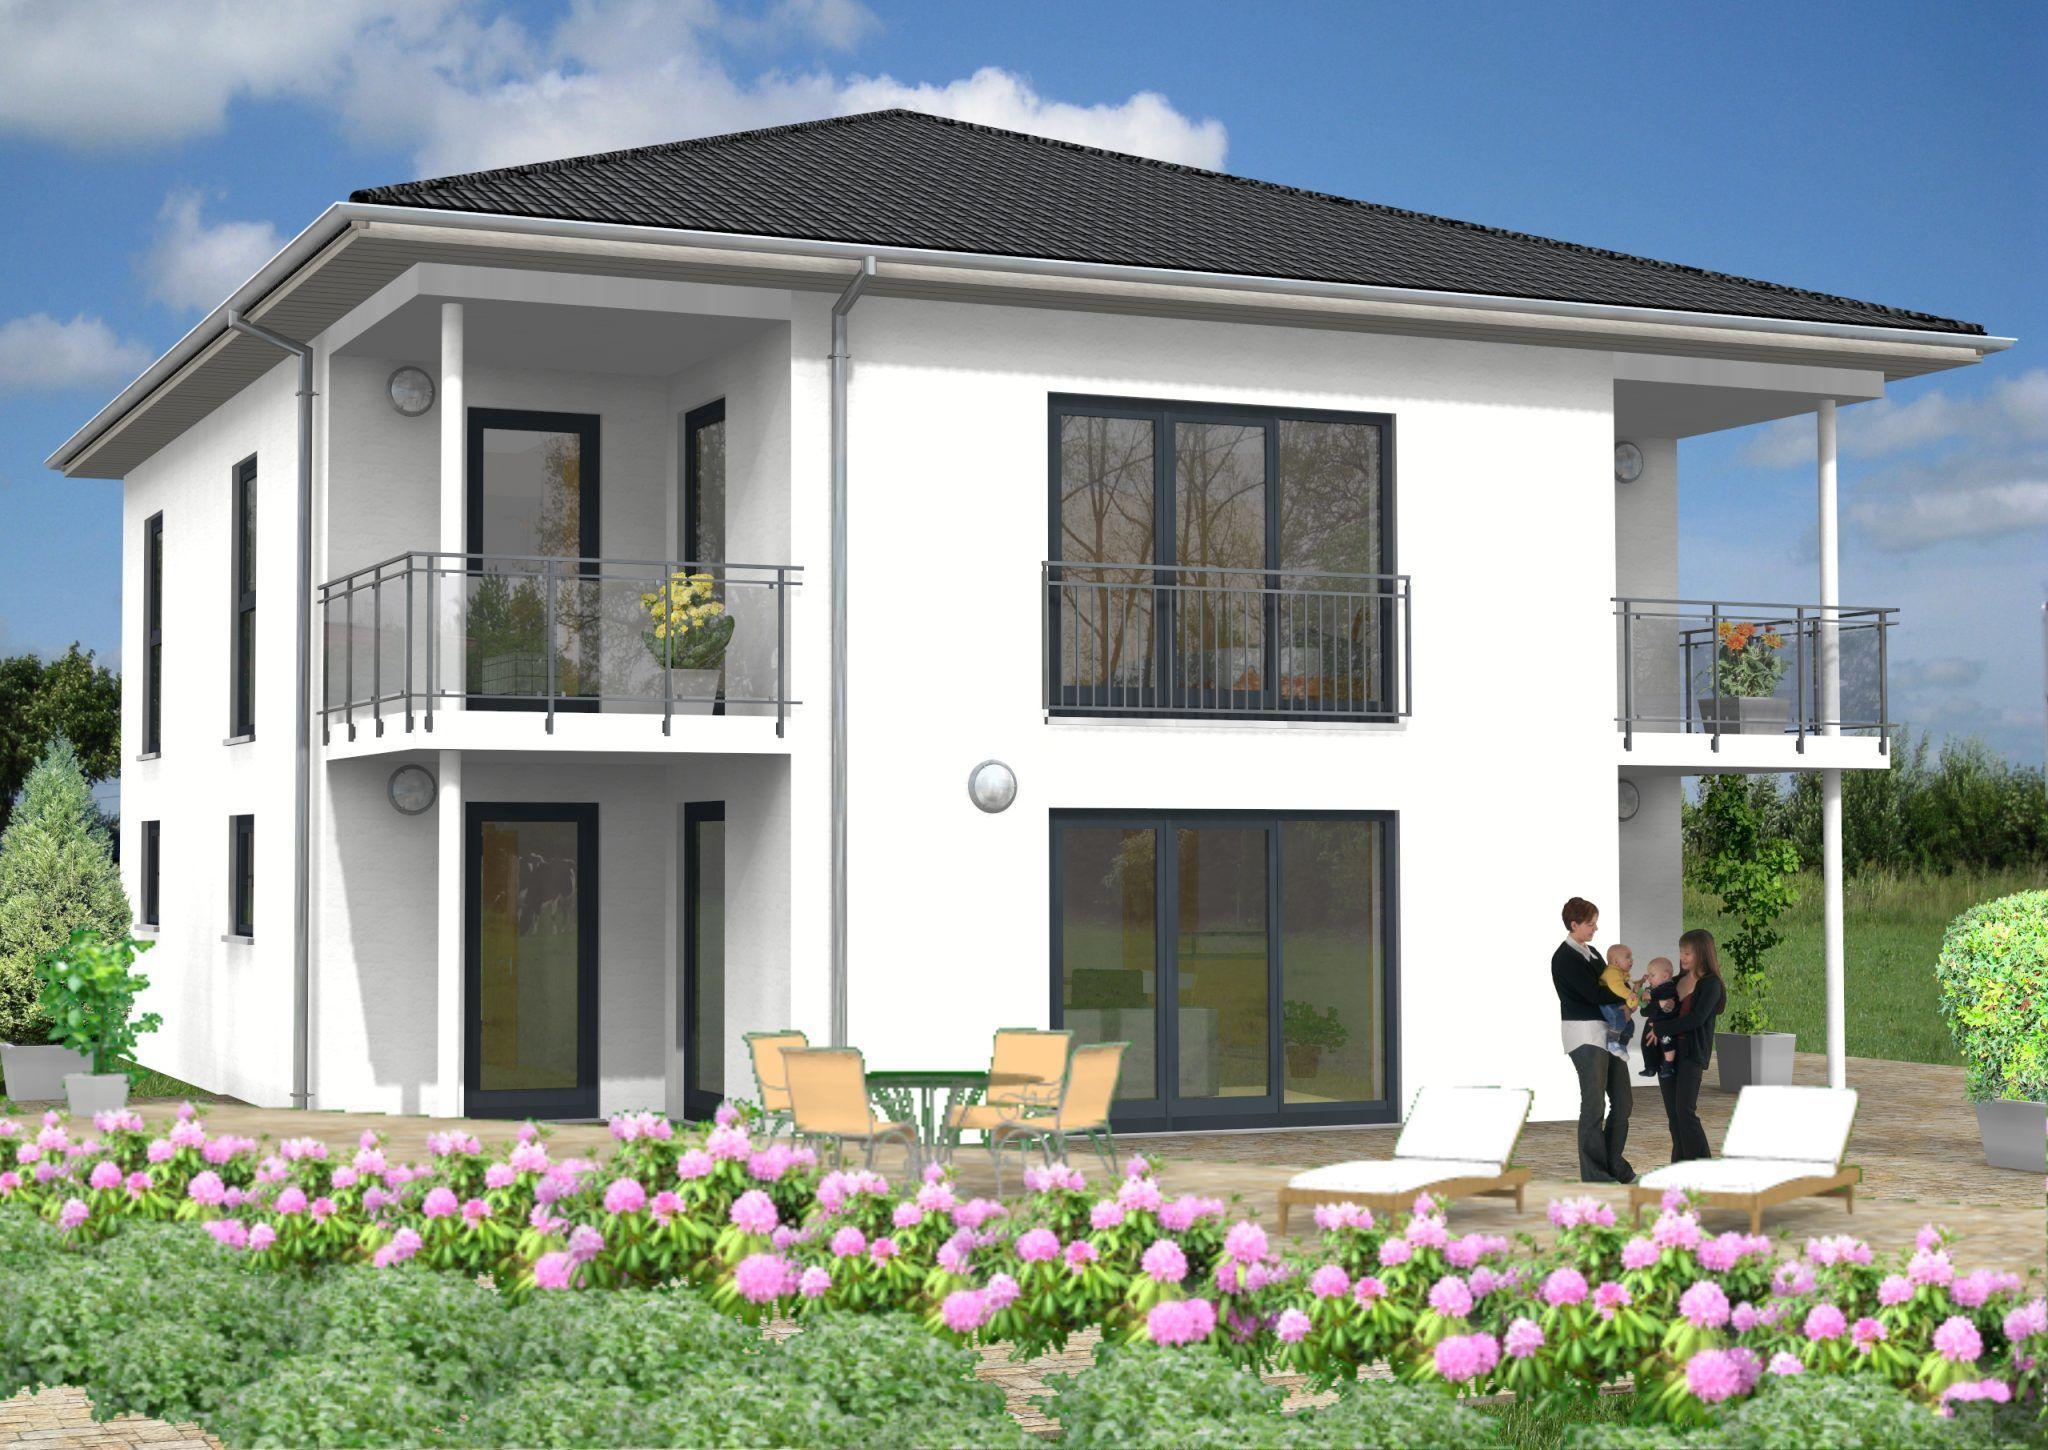 Haus Idee Stadtvilla mit einer Wohnfläche von ca. 200 m²